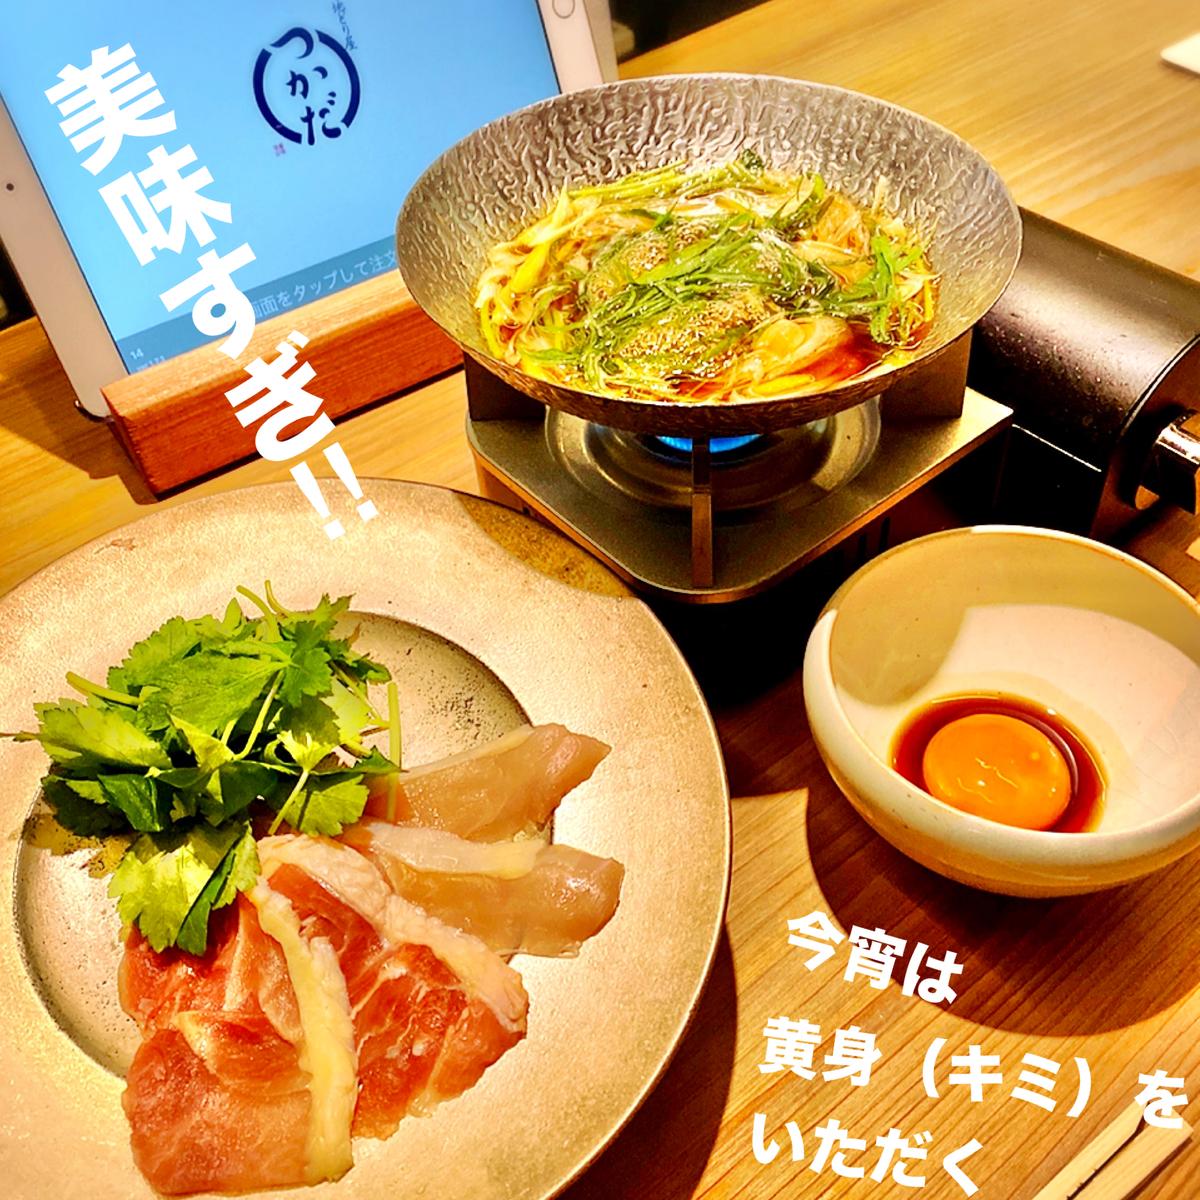 【渋谷】駅近で絶品鶏料理を堪能できるお店!雰囲気も良くデートにおすすめ♪